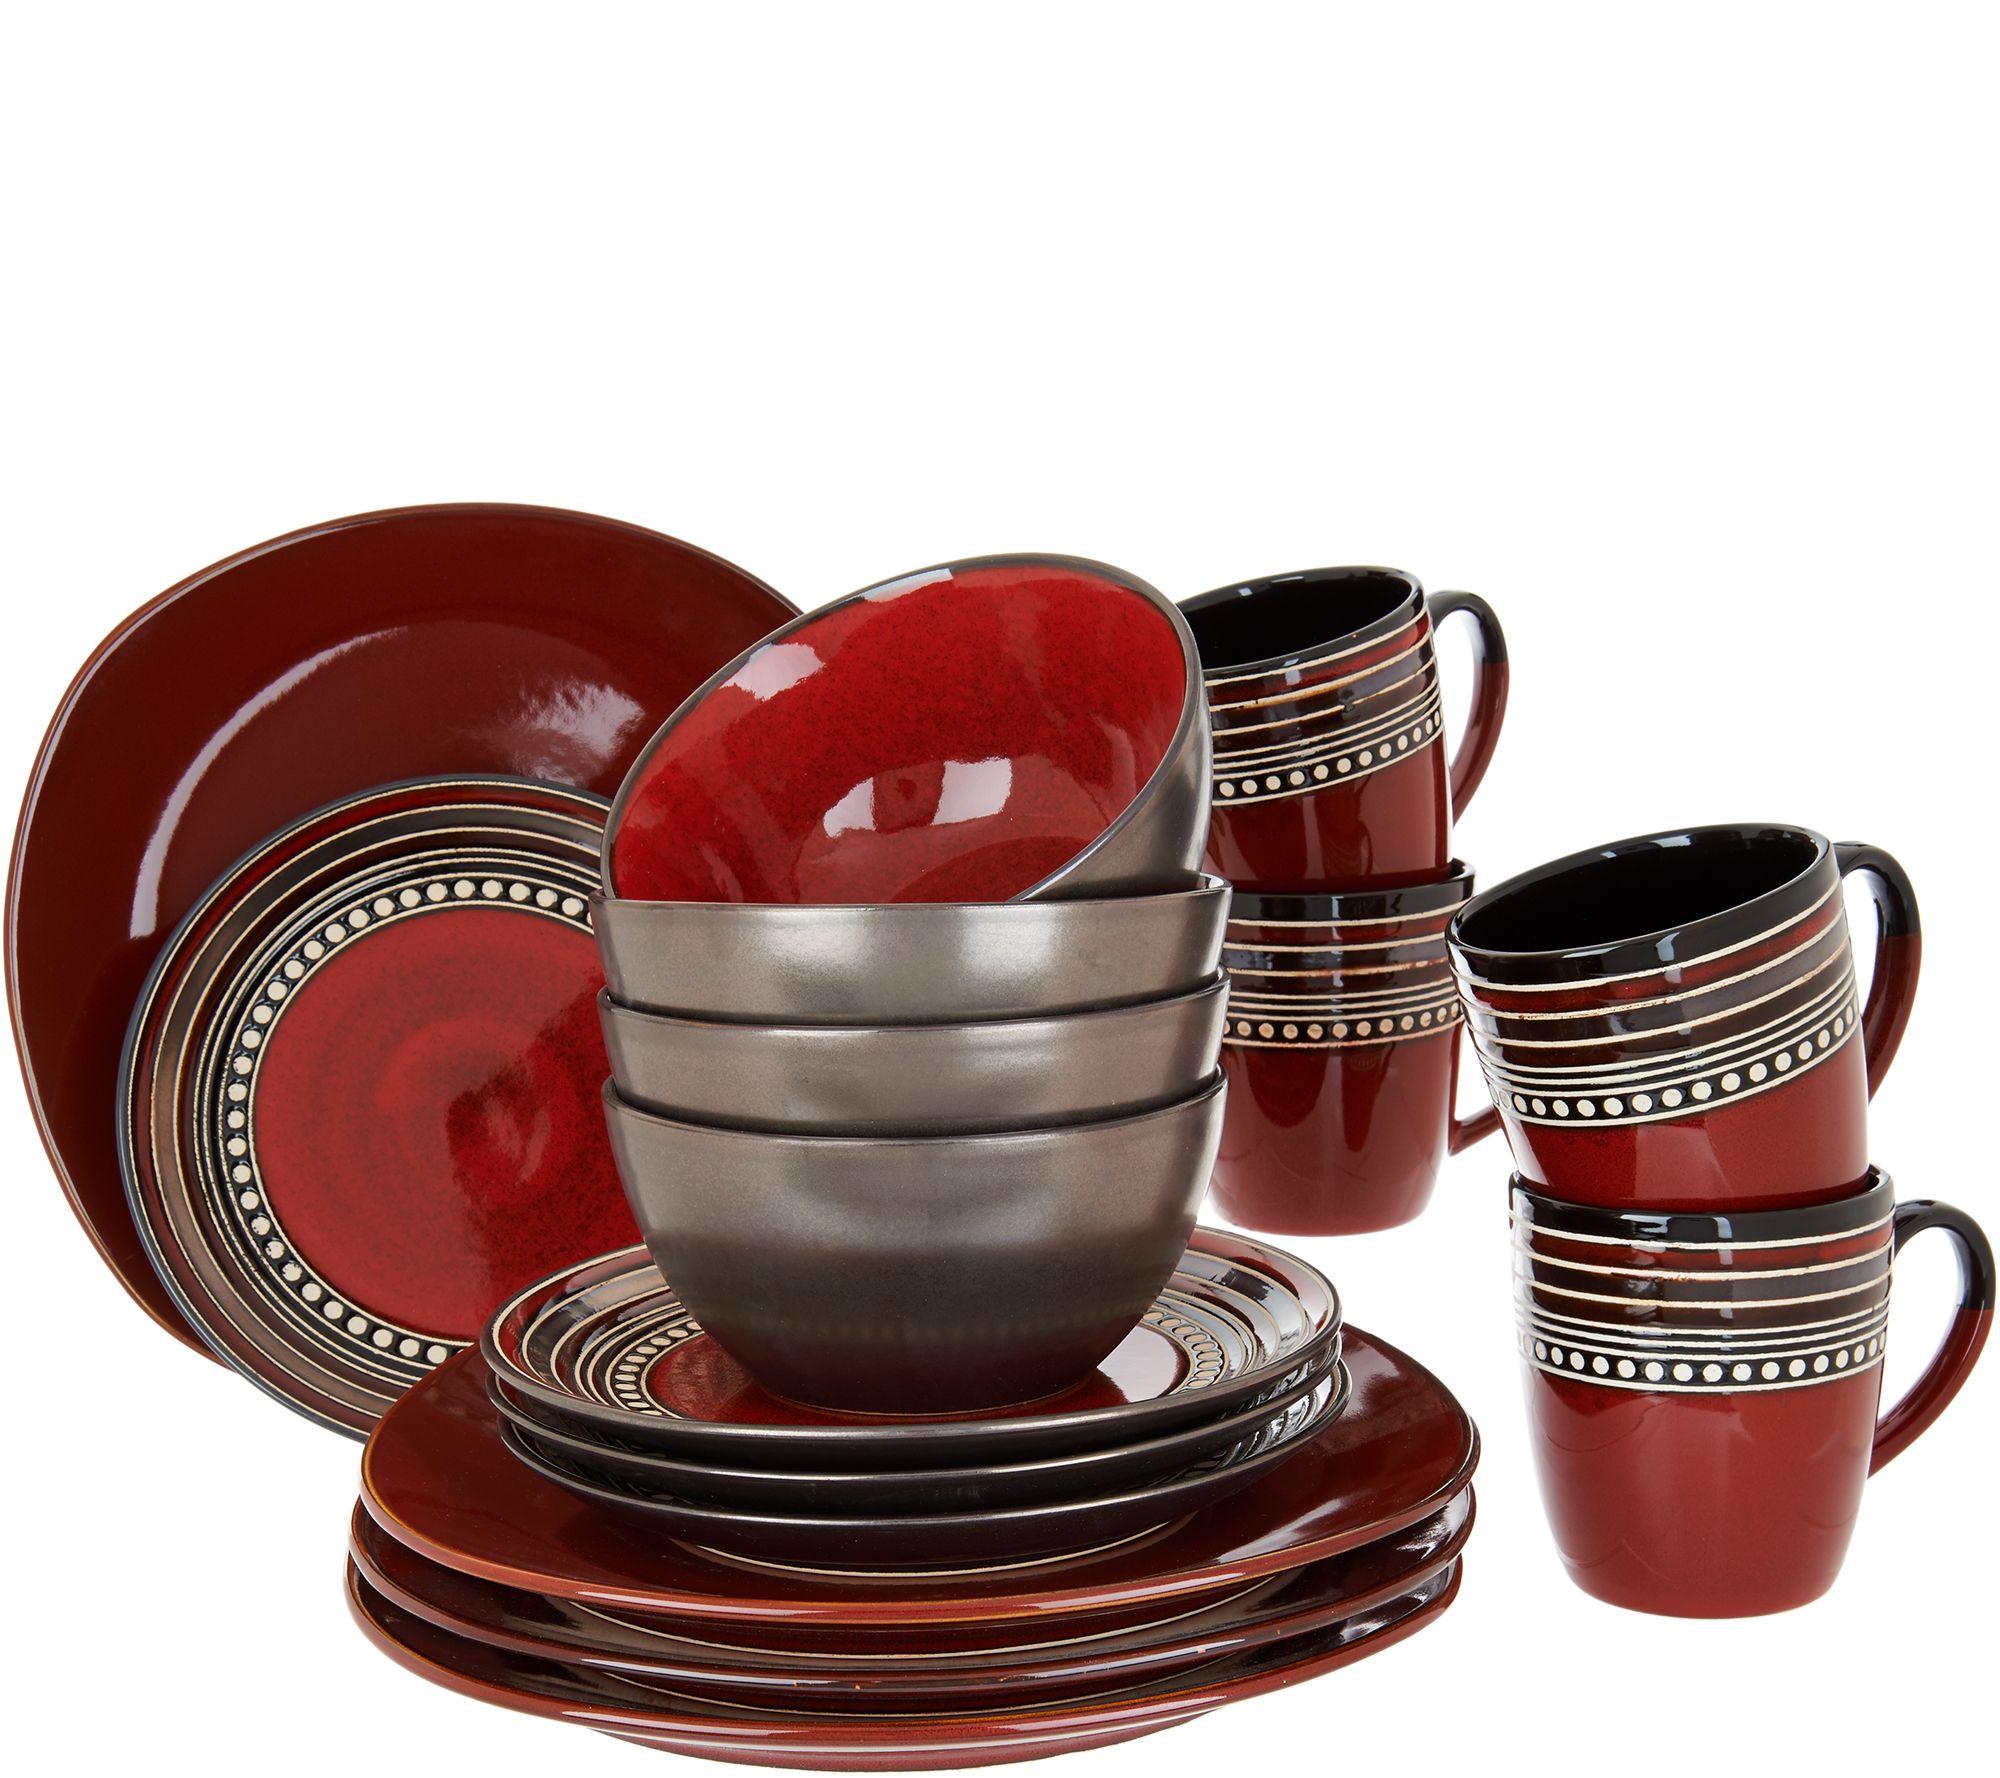 Cooku0027s Essentials Tucson 16 Pc Ceramic Dinnerware Set   H211111